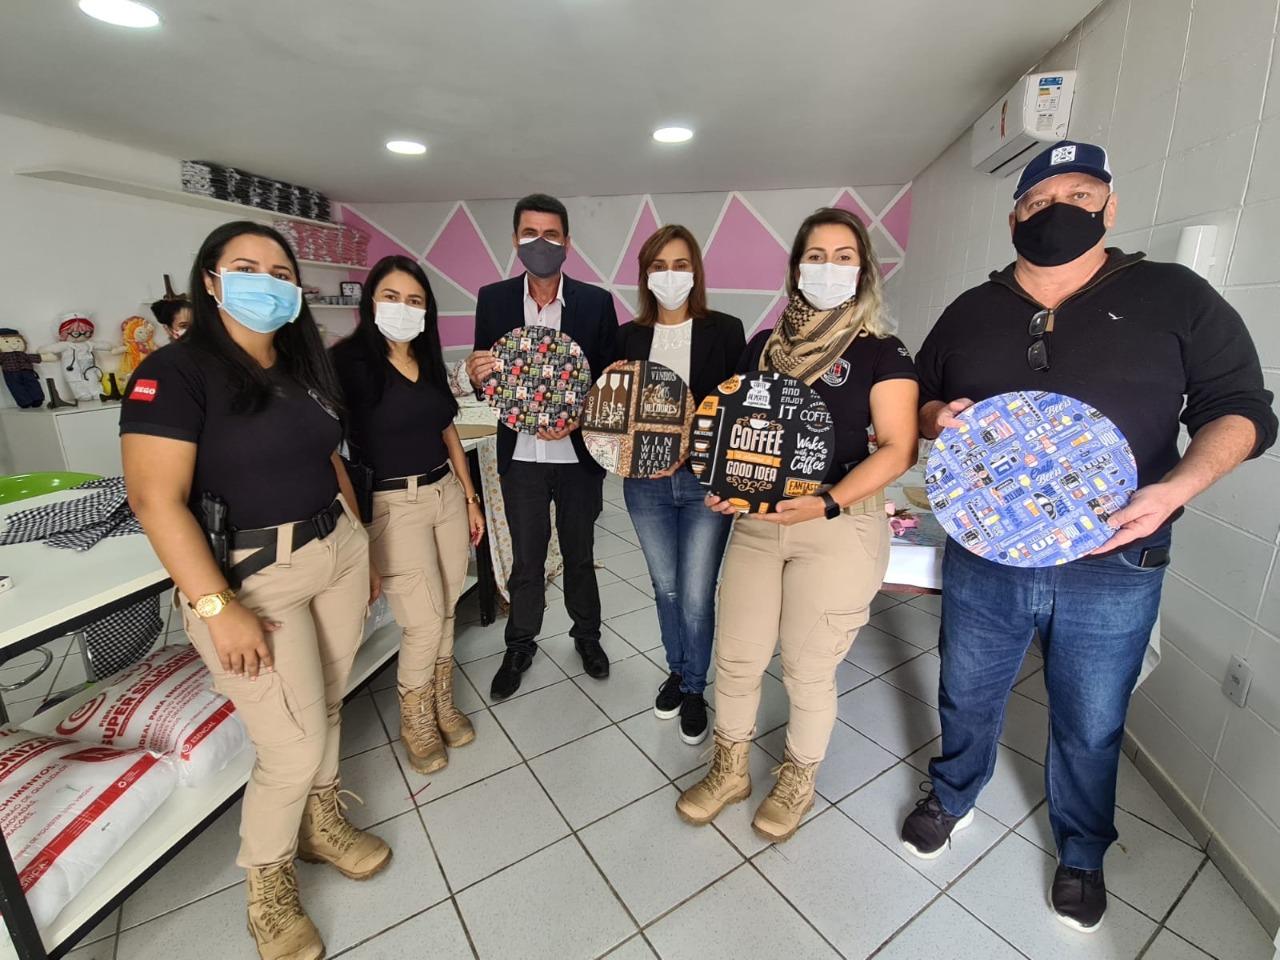 WhatsApp Image 2021 07 27 at 18.47.34 1 - Secretária Ana Cláudia visita projeto no Presídio Feminino de Campina Grande denominado 'Castelo de Bonecas'